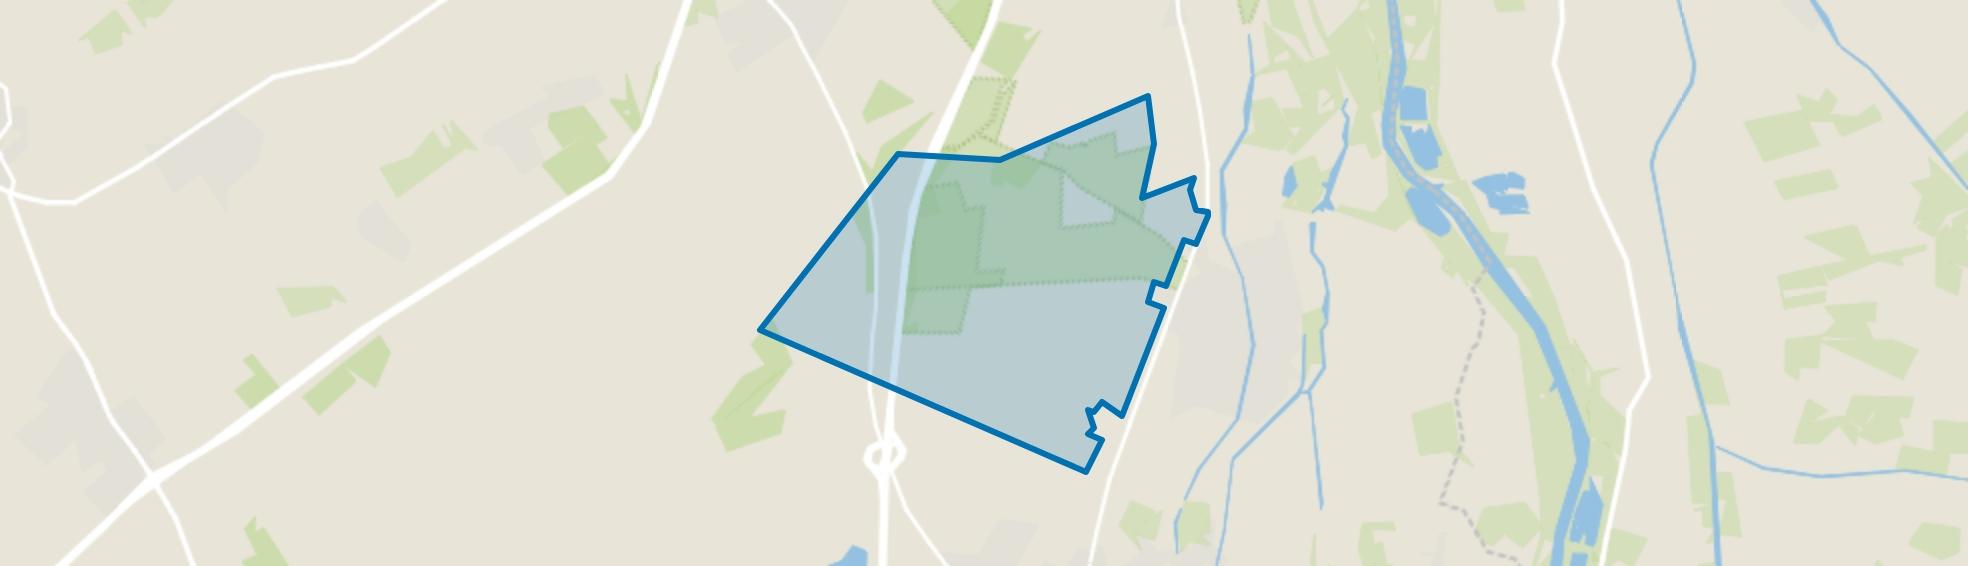 Verspreide huizen bosgebied, Wapenveld map